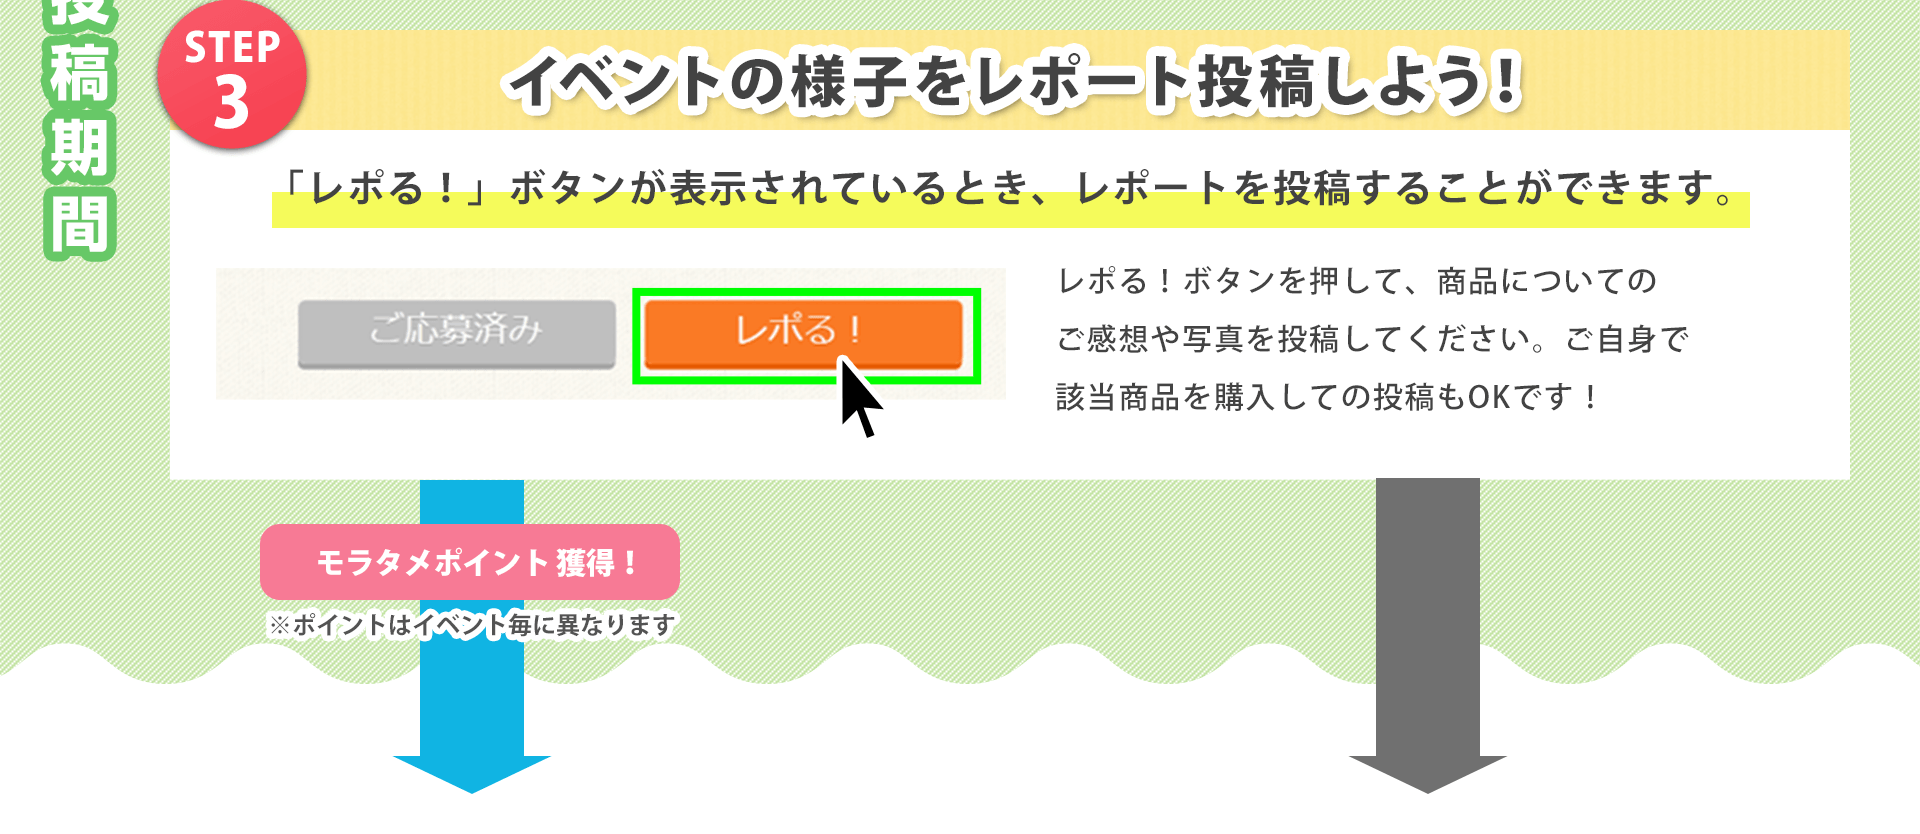 STEP 3 イベントの様子をレポート投稿しよう! 「レポる!」ボタンが表示されているとき、レポートを投稿することができます。 レポる!ボタンを押して、商品についてのご感想や写真を投稿してください。ご自身で該当商品を購入しての投稿もOKです! モラタメポイント獲得! ※ポイントはイベント毎に異なります。